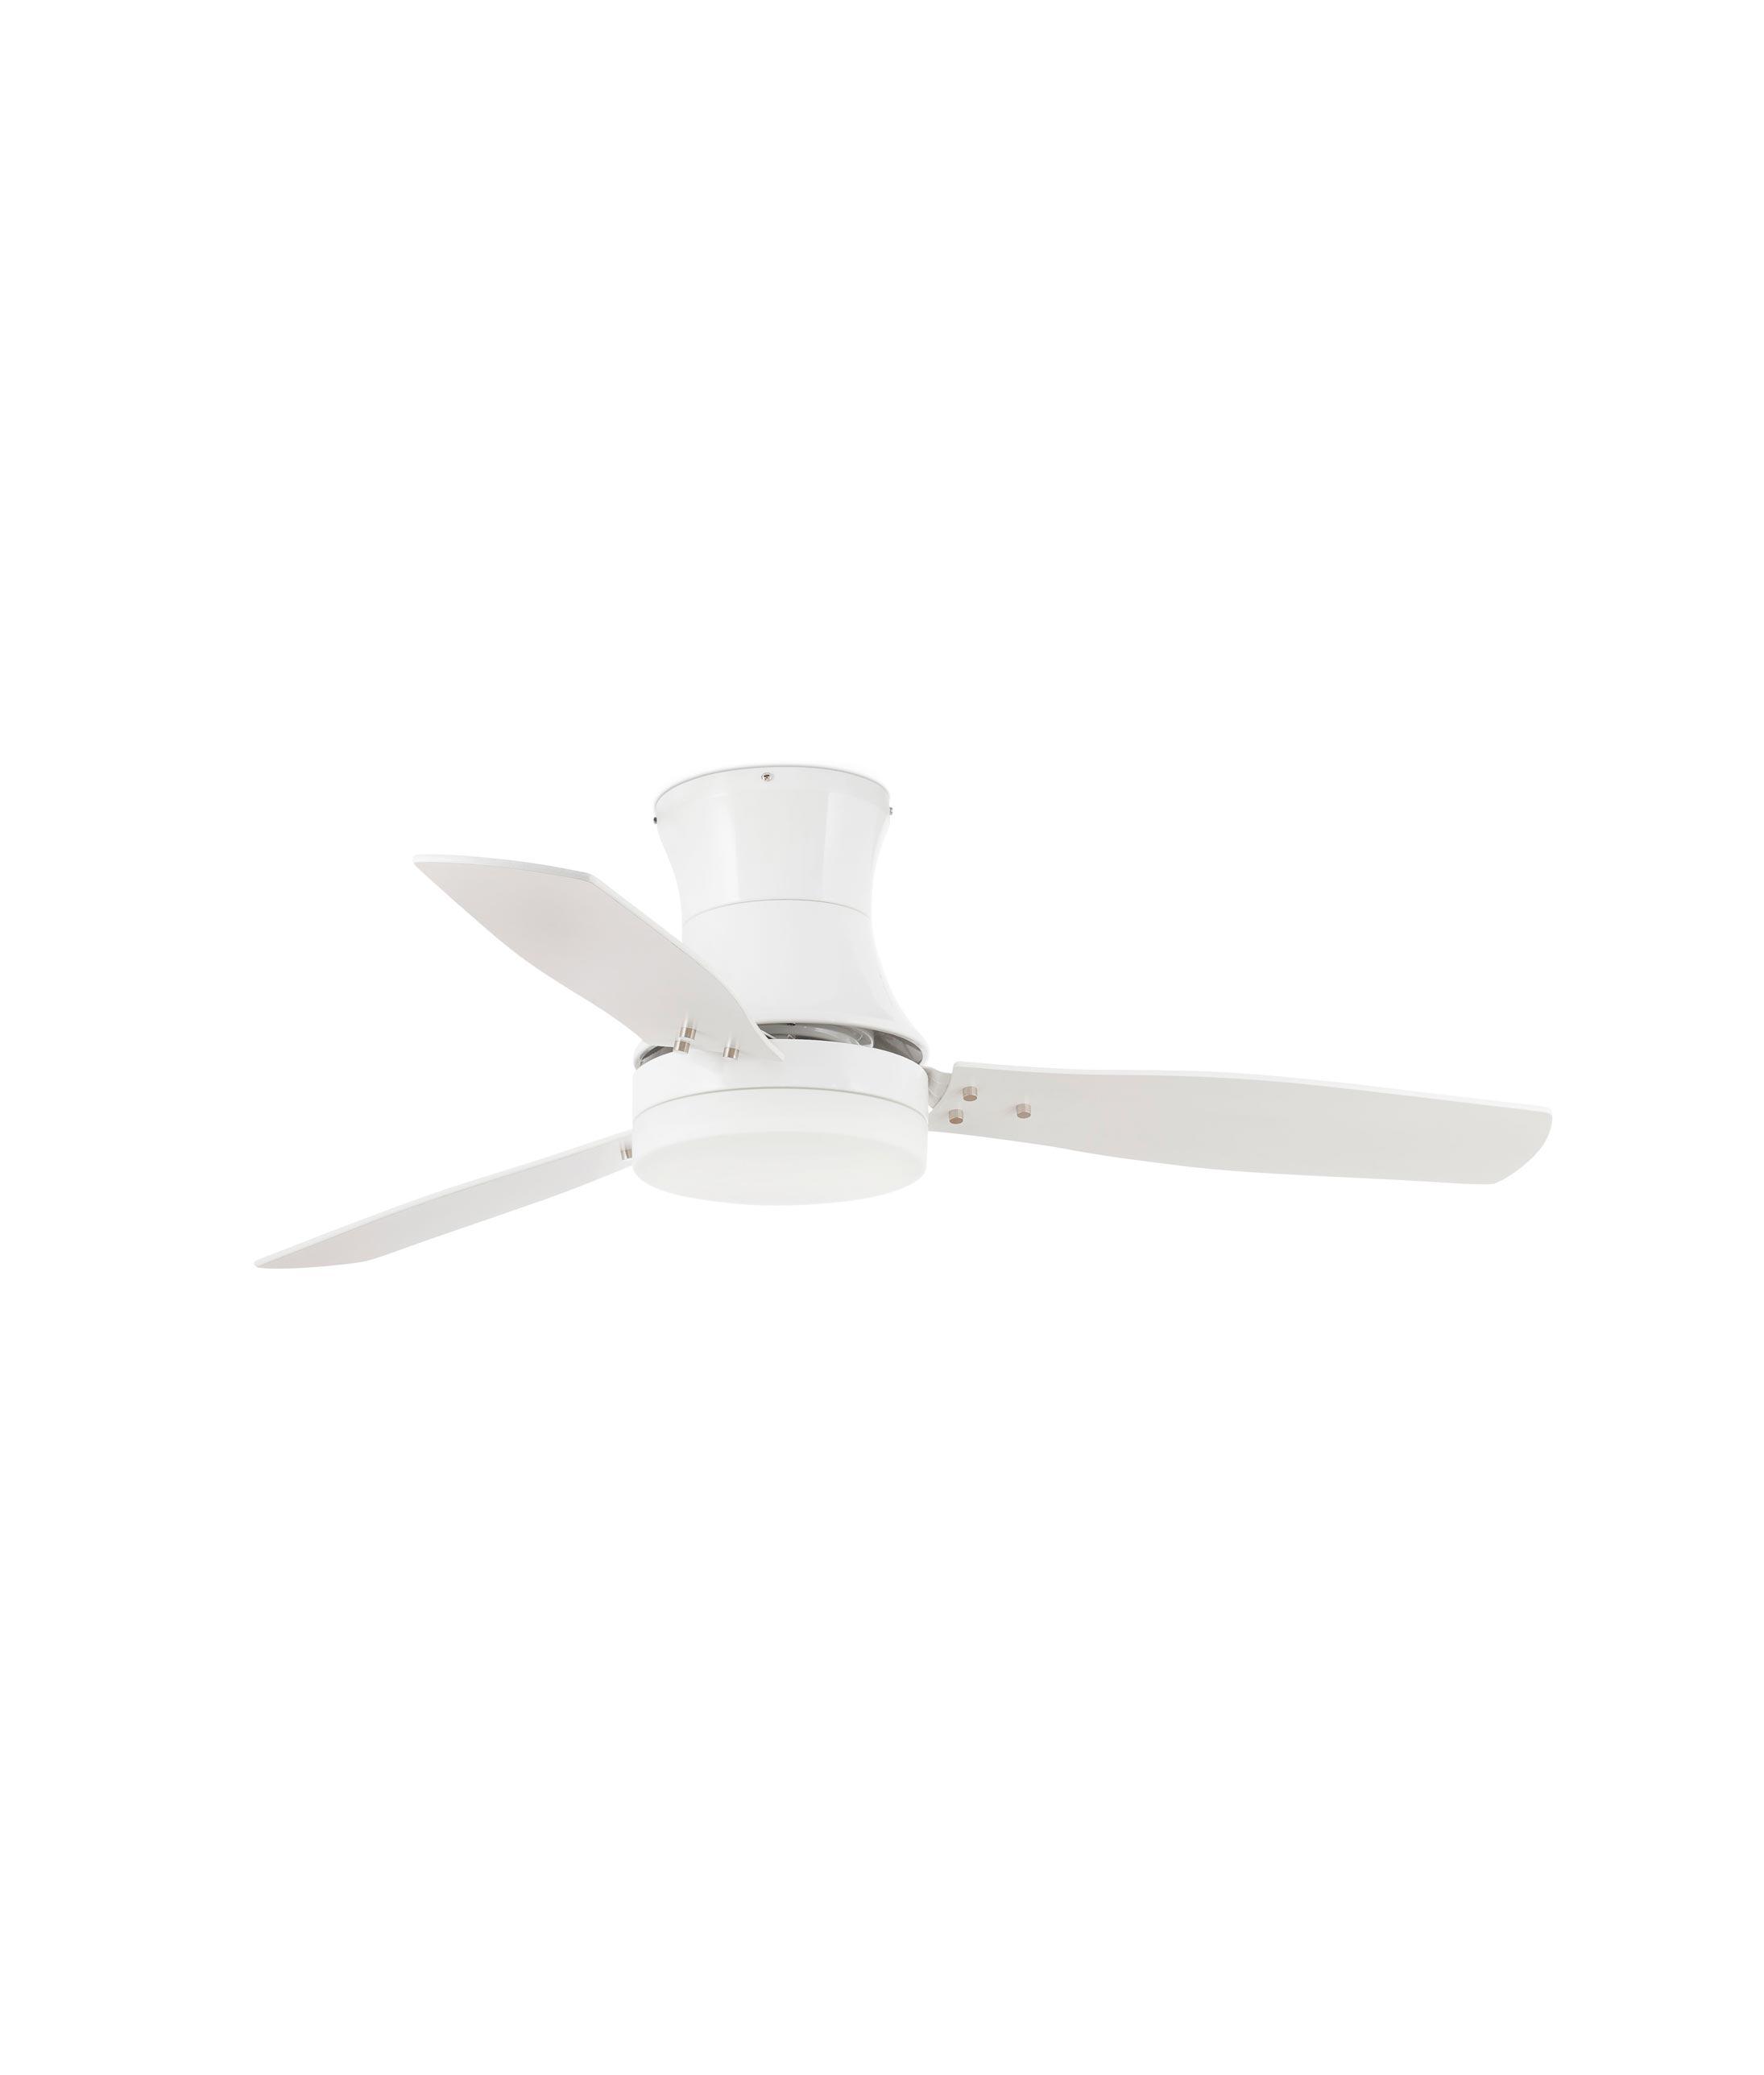 Lamparas con ventilador free ventilador de techo nquel - Lamparas con ventilador ...